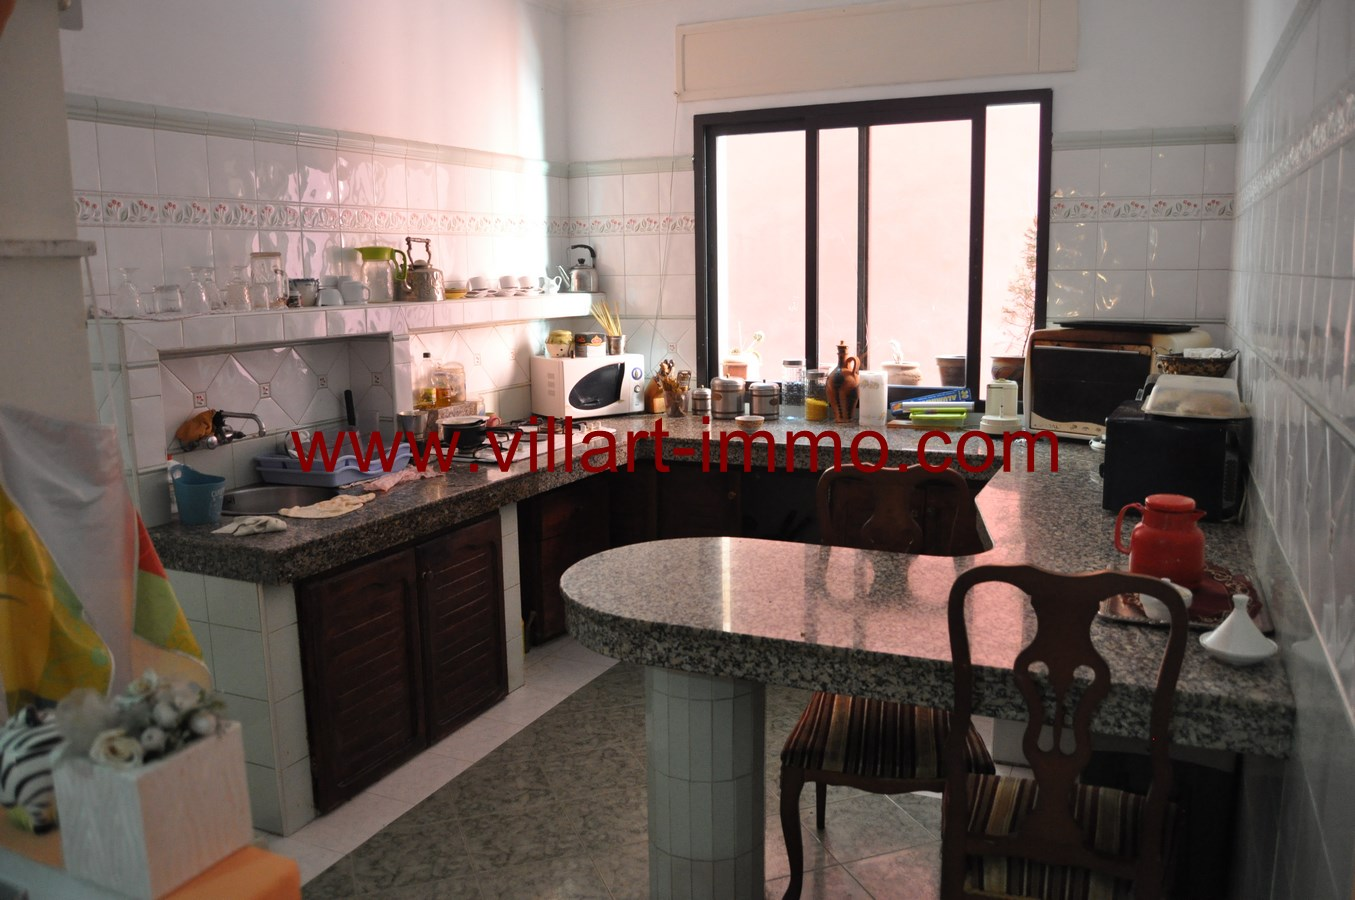 13 A Vendre Tanger Maroc Appartement Centre Ville Cuisine Va422